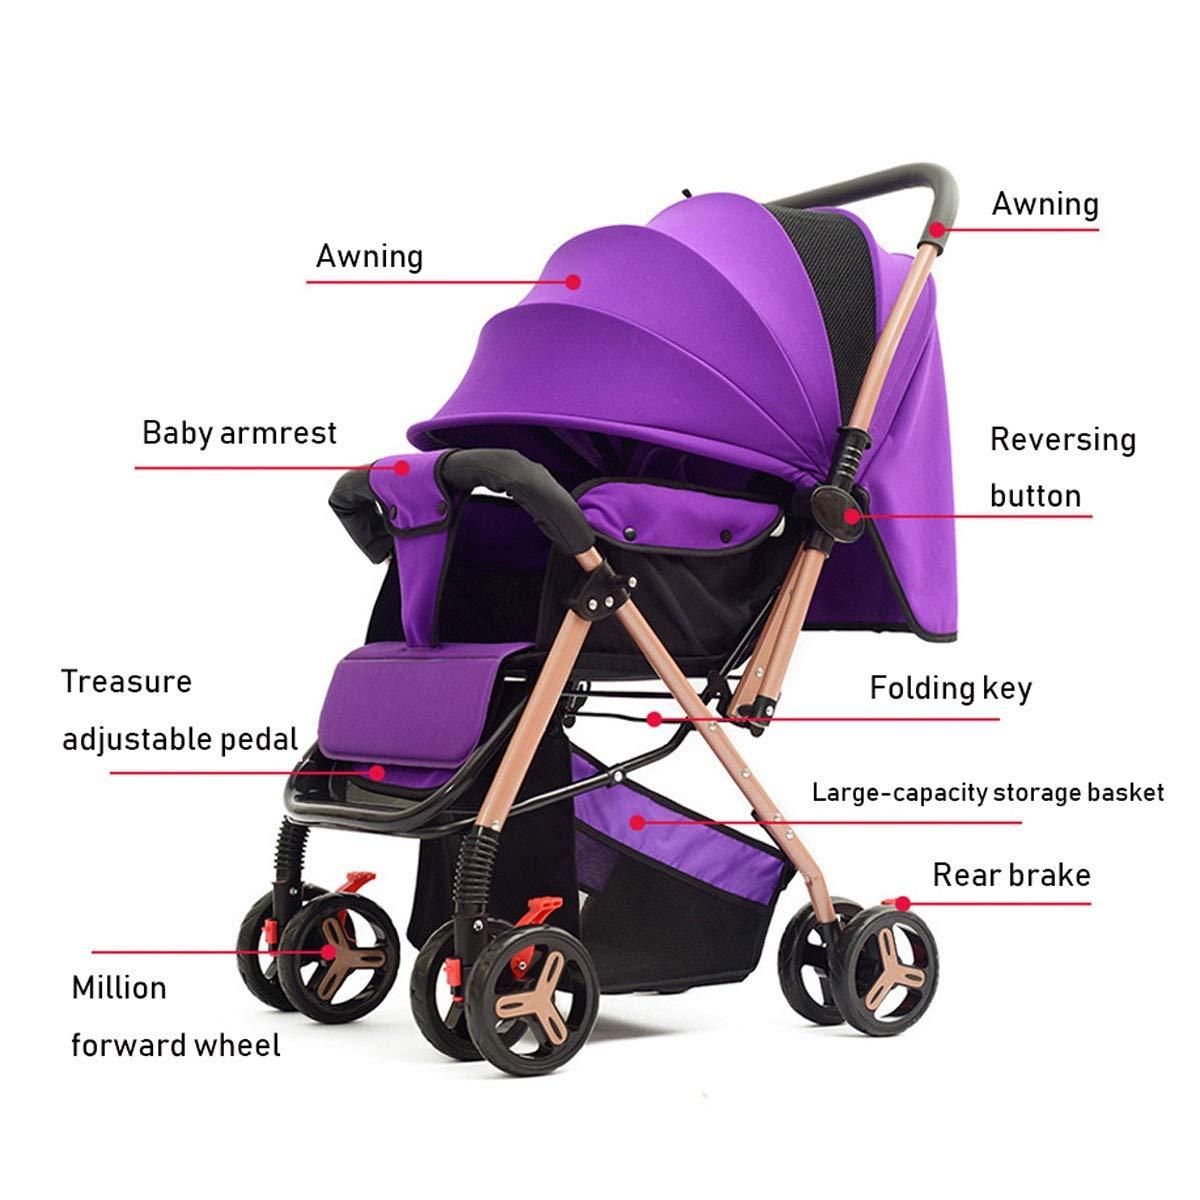 BabyCarriage Poussette pour b/éb/é si/ège Pliant l/éger b/éb/é inclinable Main Pliante Parapluie Poussoir , Poussette bidirectionnelle